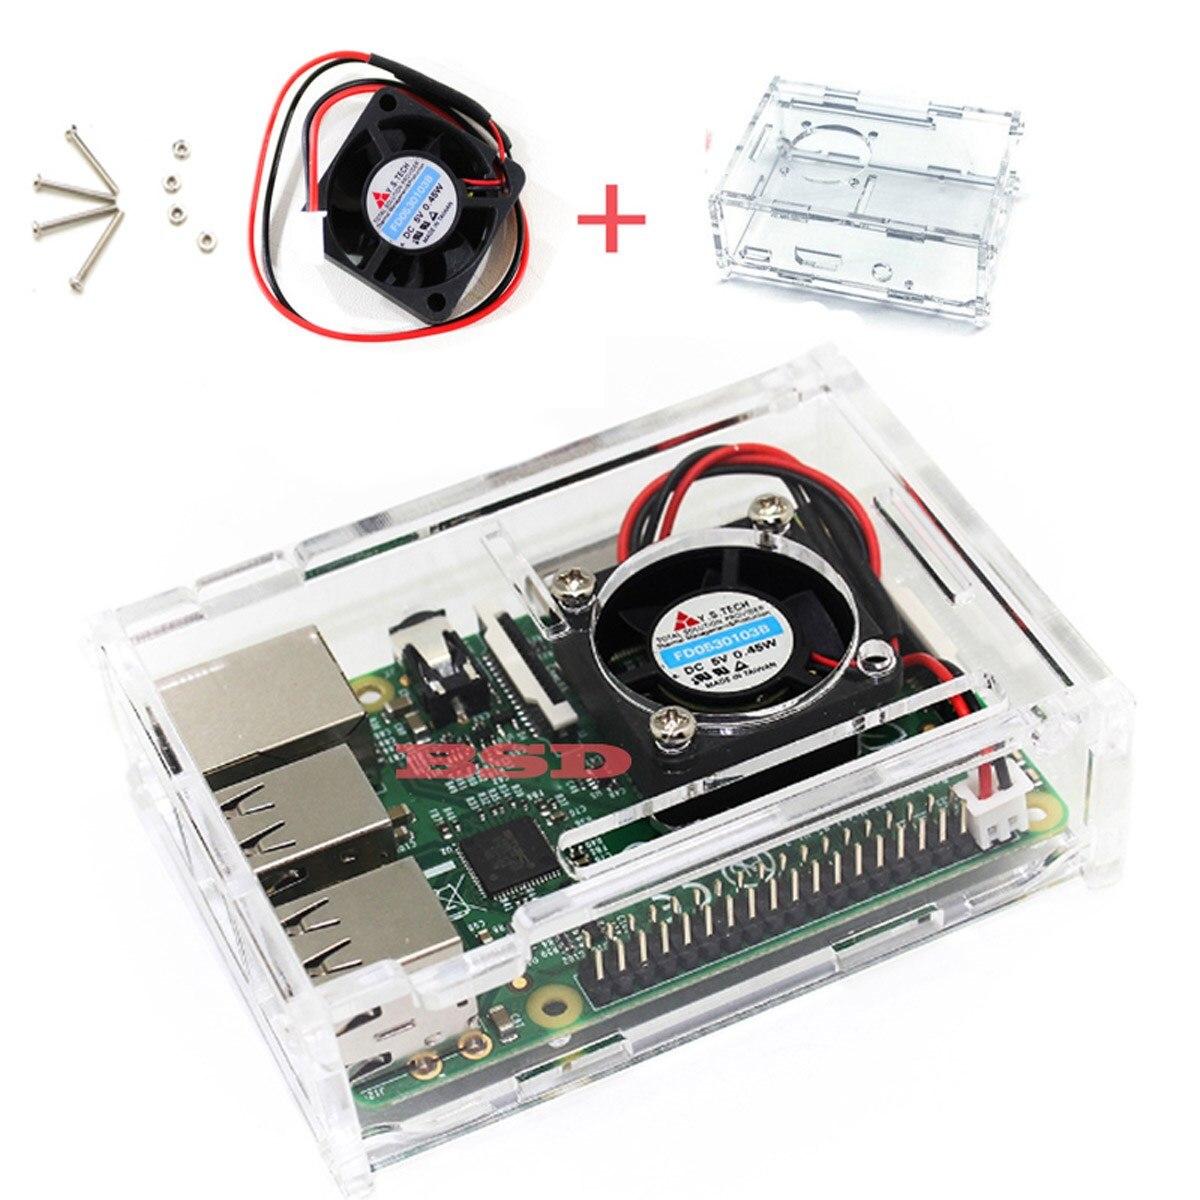 Carcasa carcasa transparente Raspberry Pi 3 con ventilador de refrigeración para Raspberry Pi 2